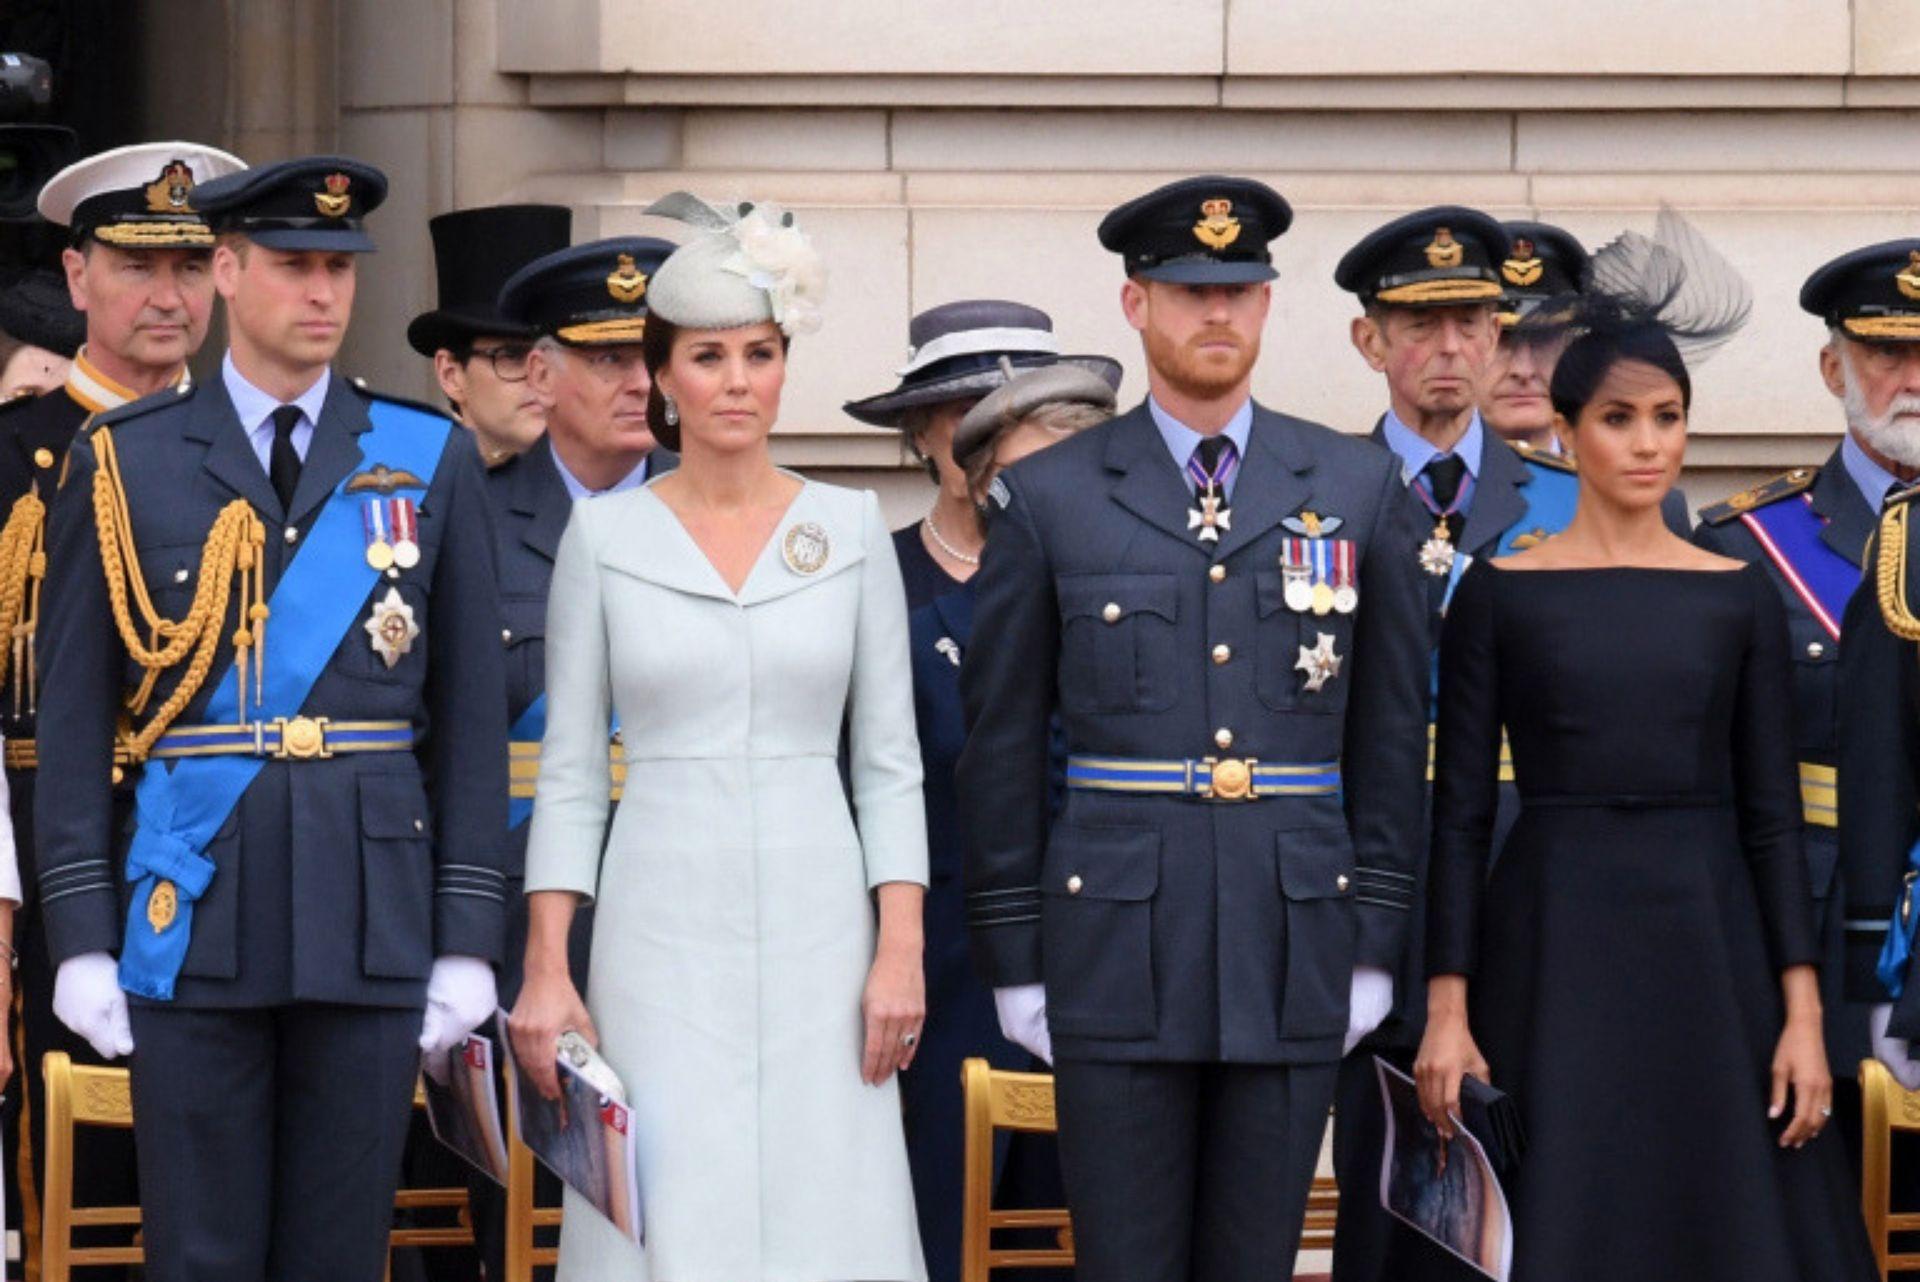 kate e meghan con i loro mariti in uniforme militare